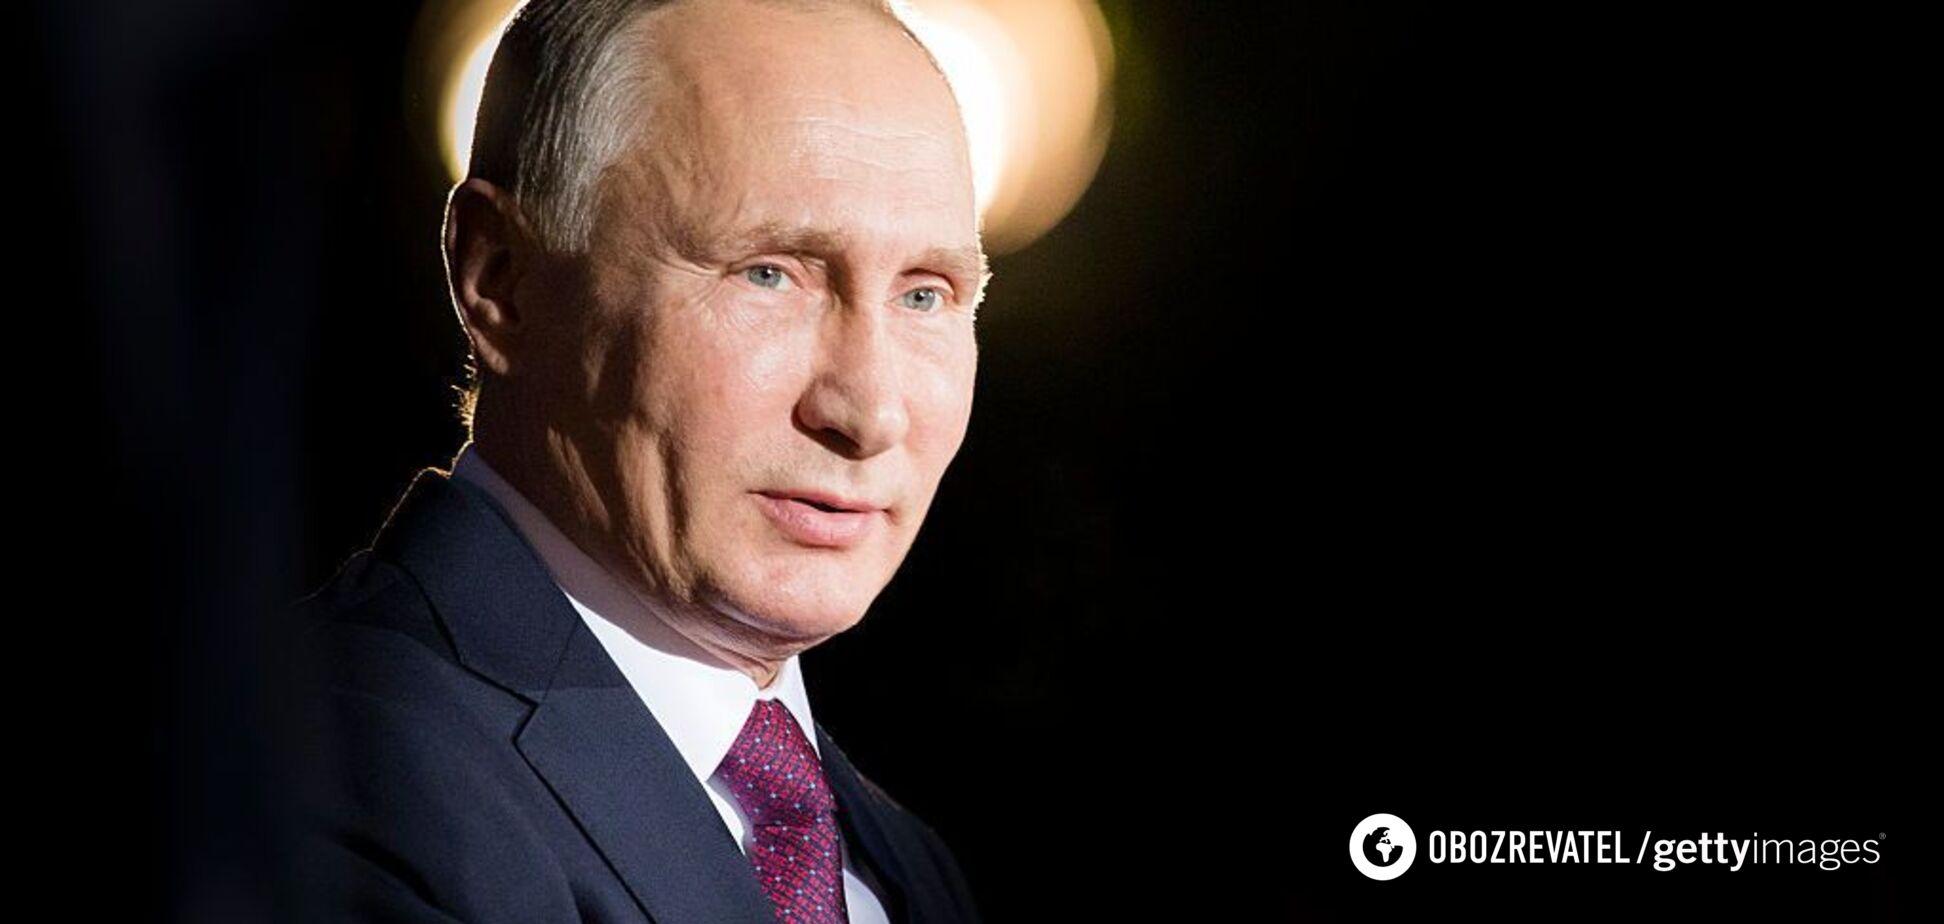 Кремлю наплевать на любые переговоры. Остается два варианта